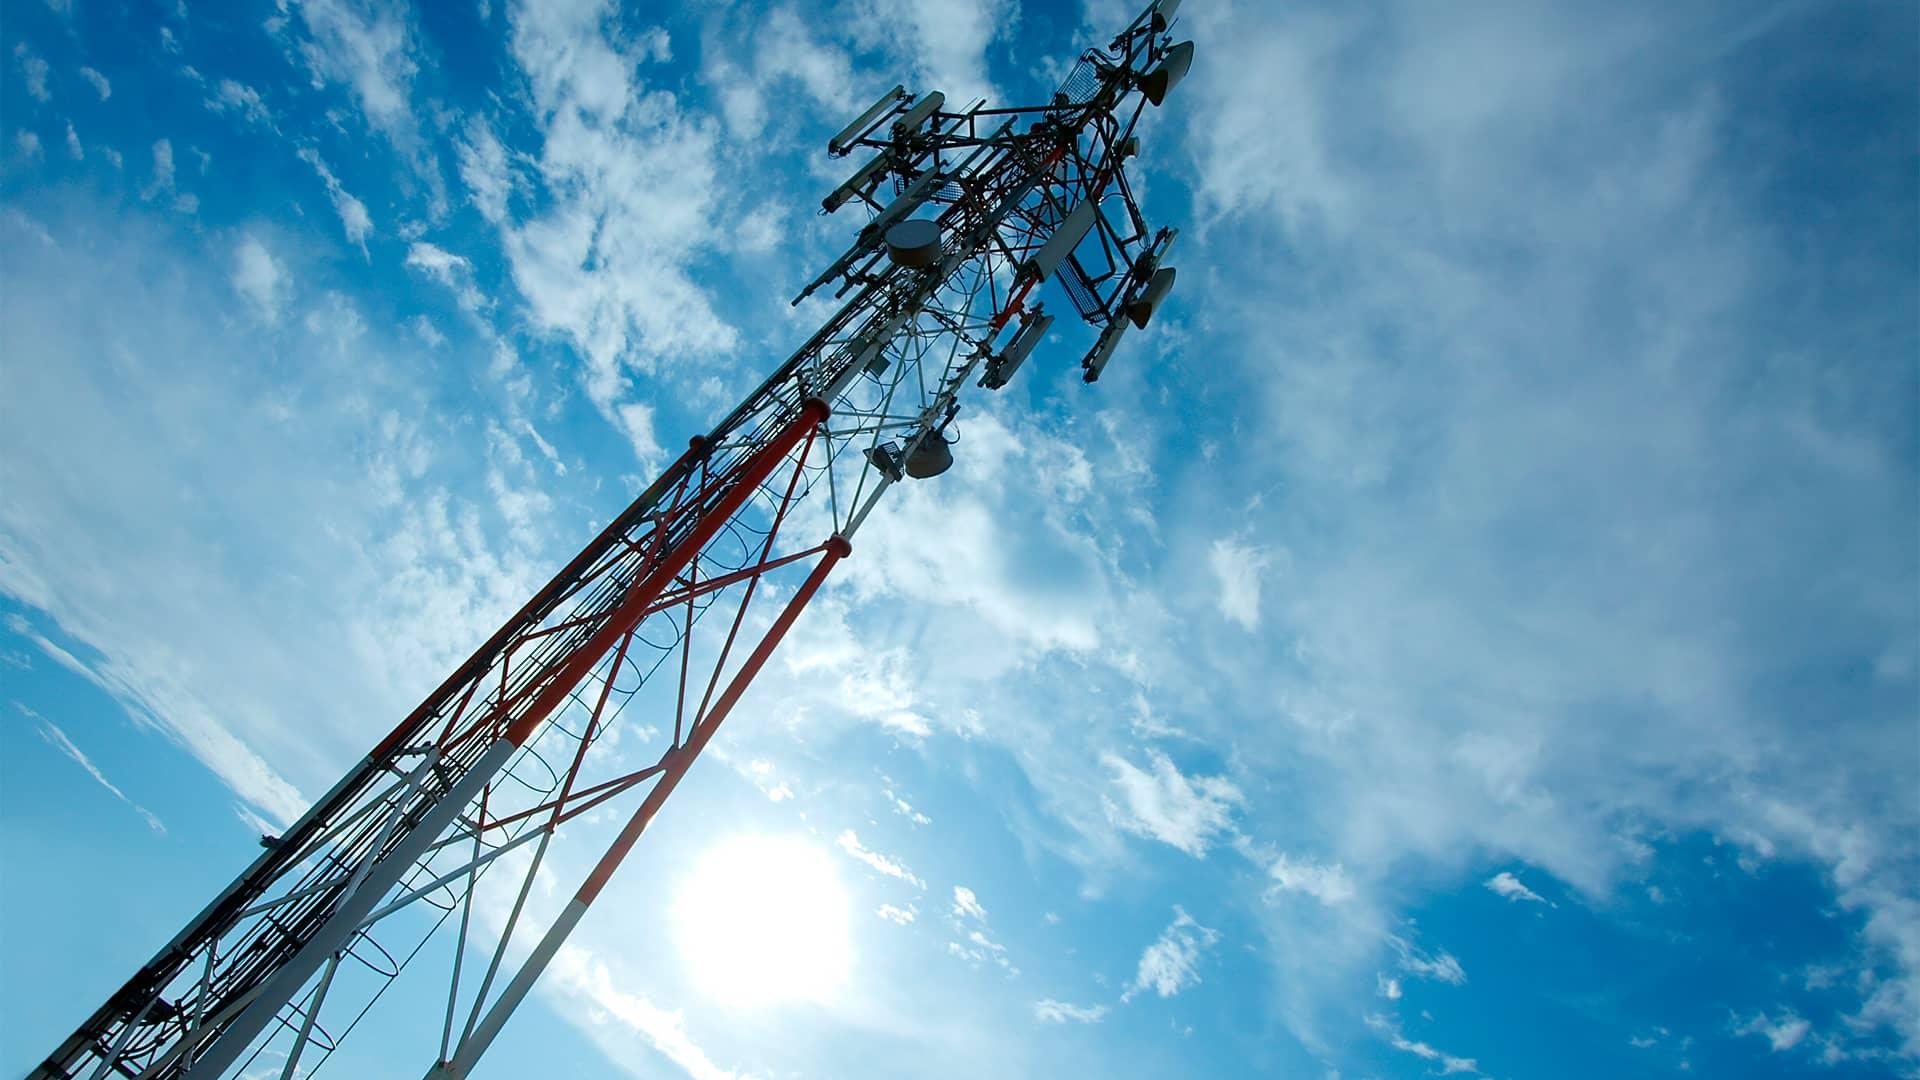 ADSL de cobertura indirecta: ¿qué es y quién la usa?